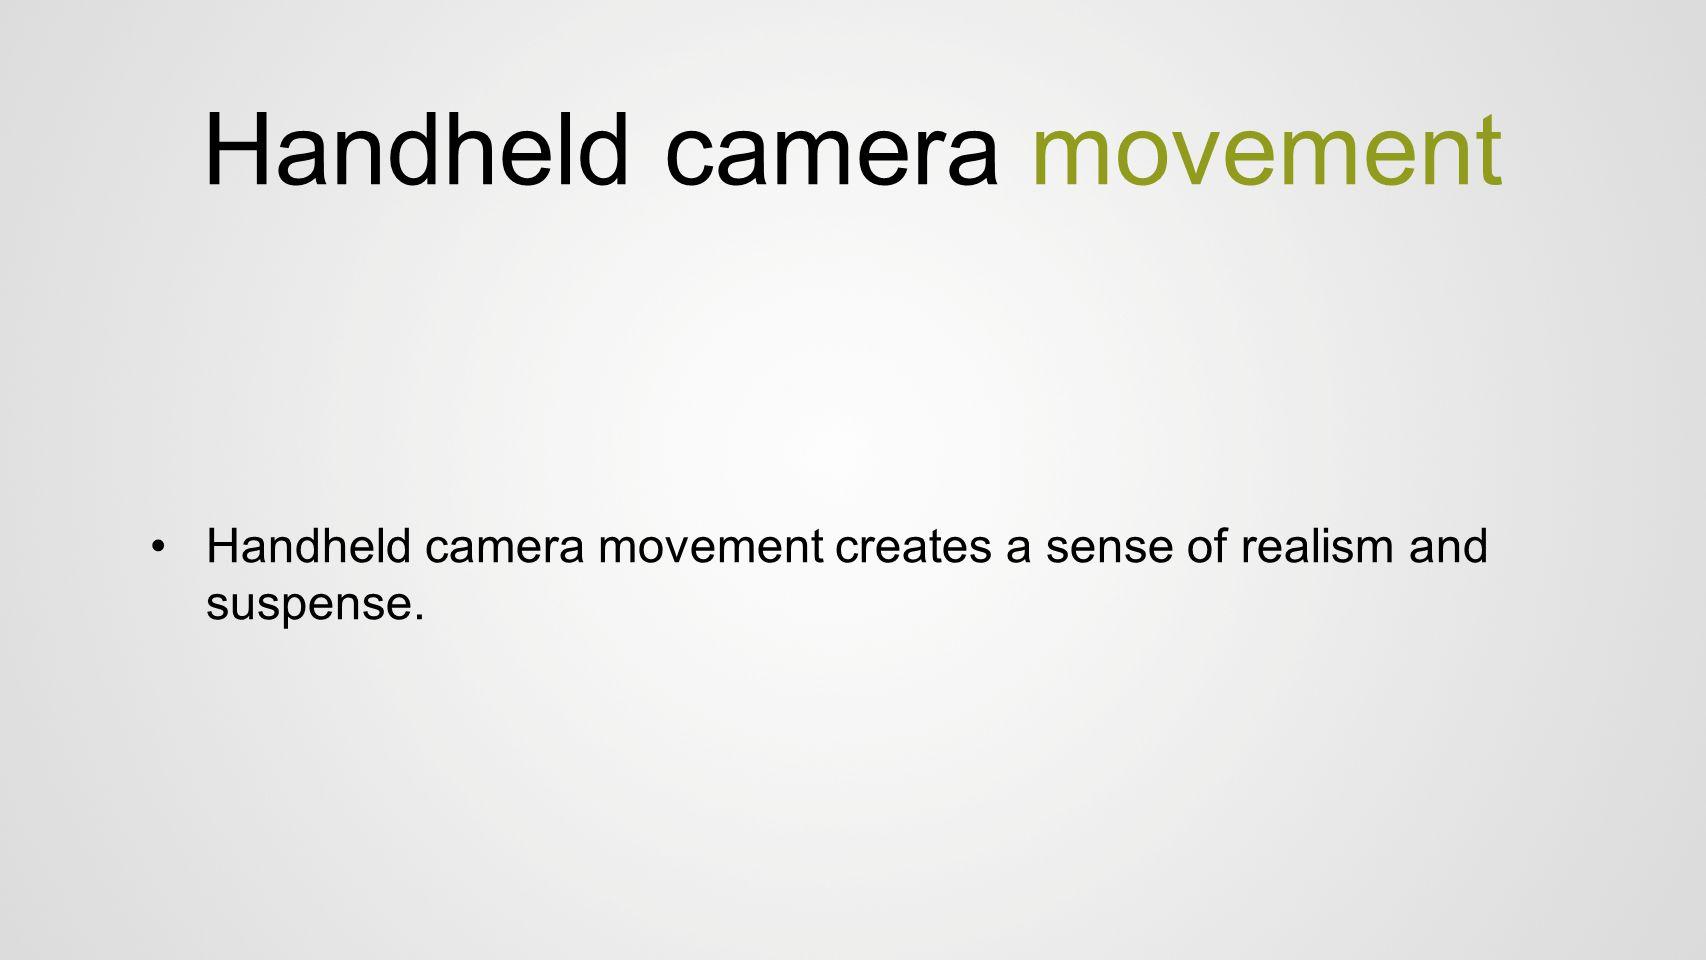 Handheld camera movement